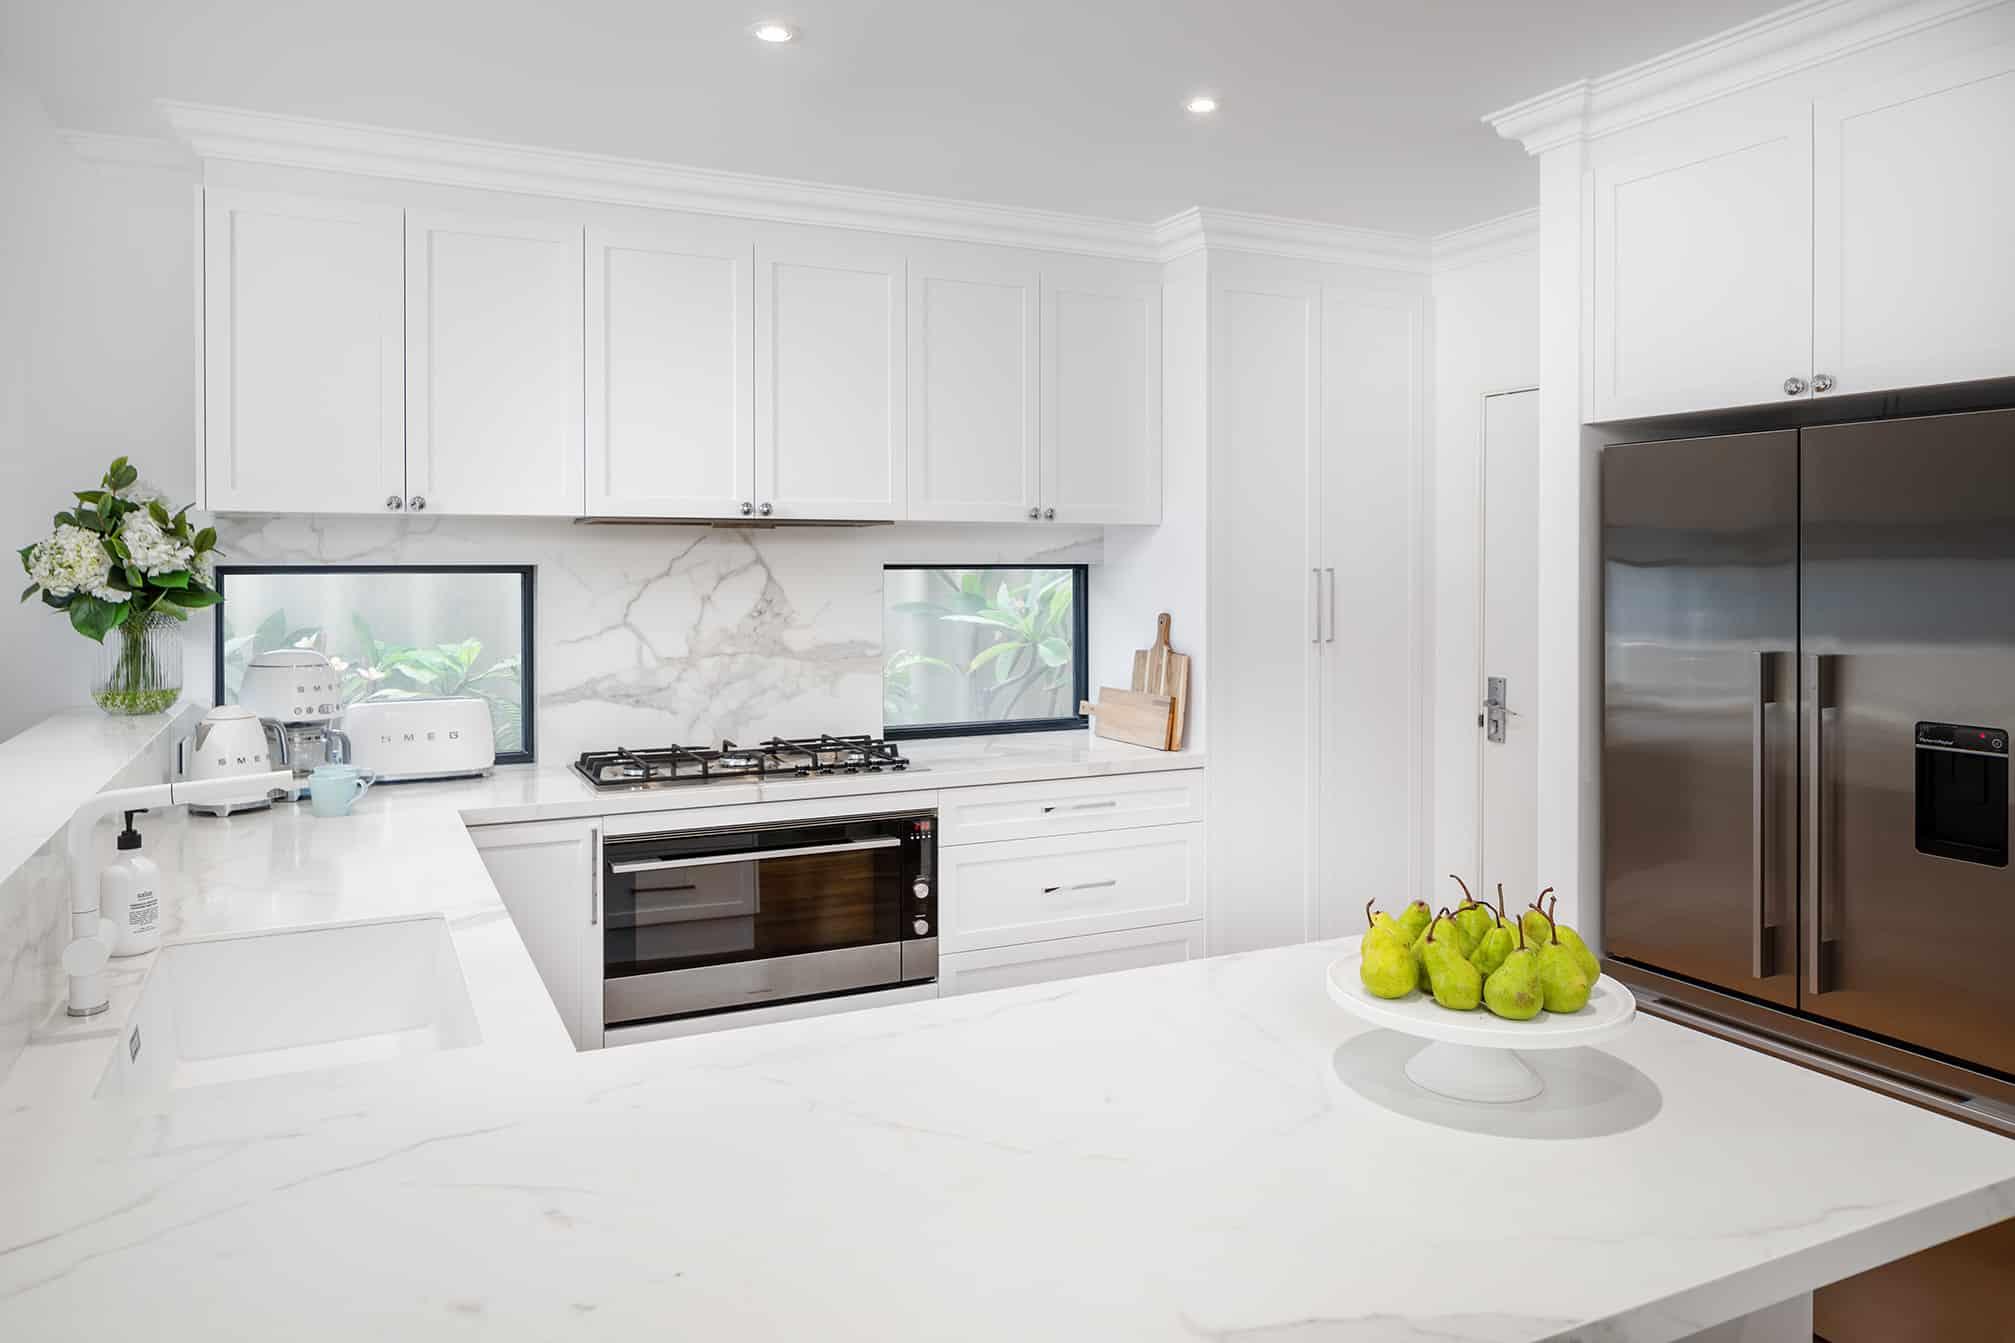 Joondanna Hamptons Kitchen overview 2